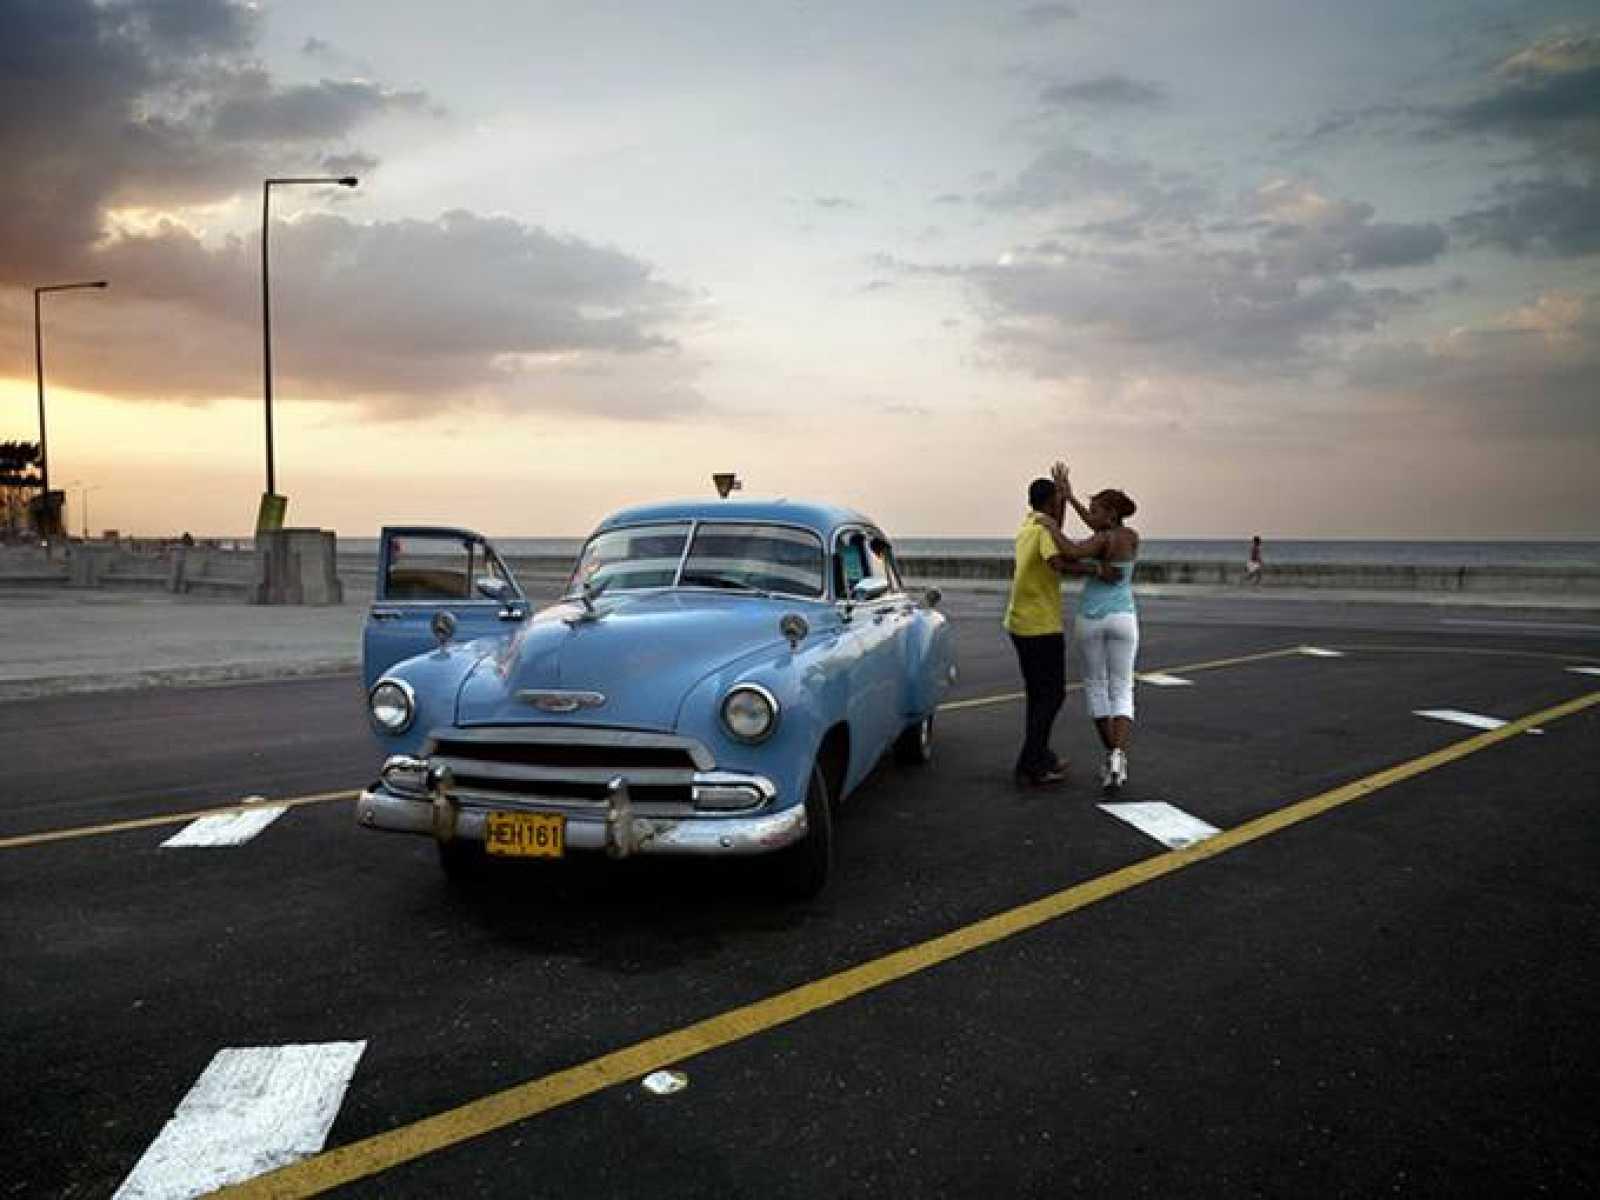 Chevy azul y pareja bailando, de José María Mellado